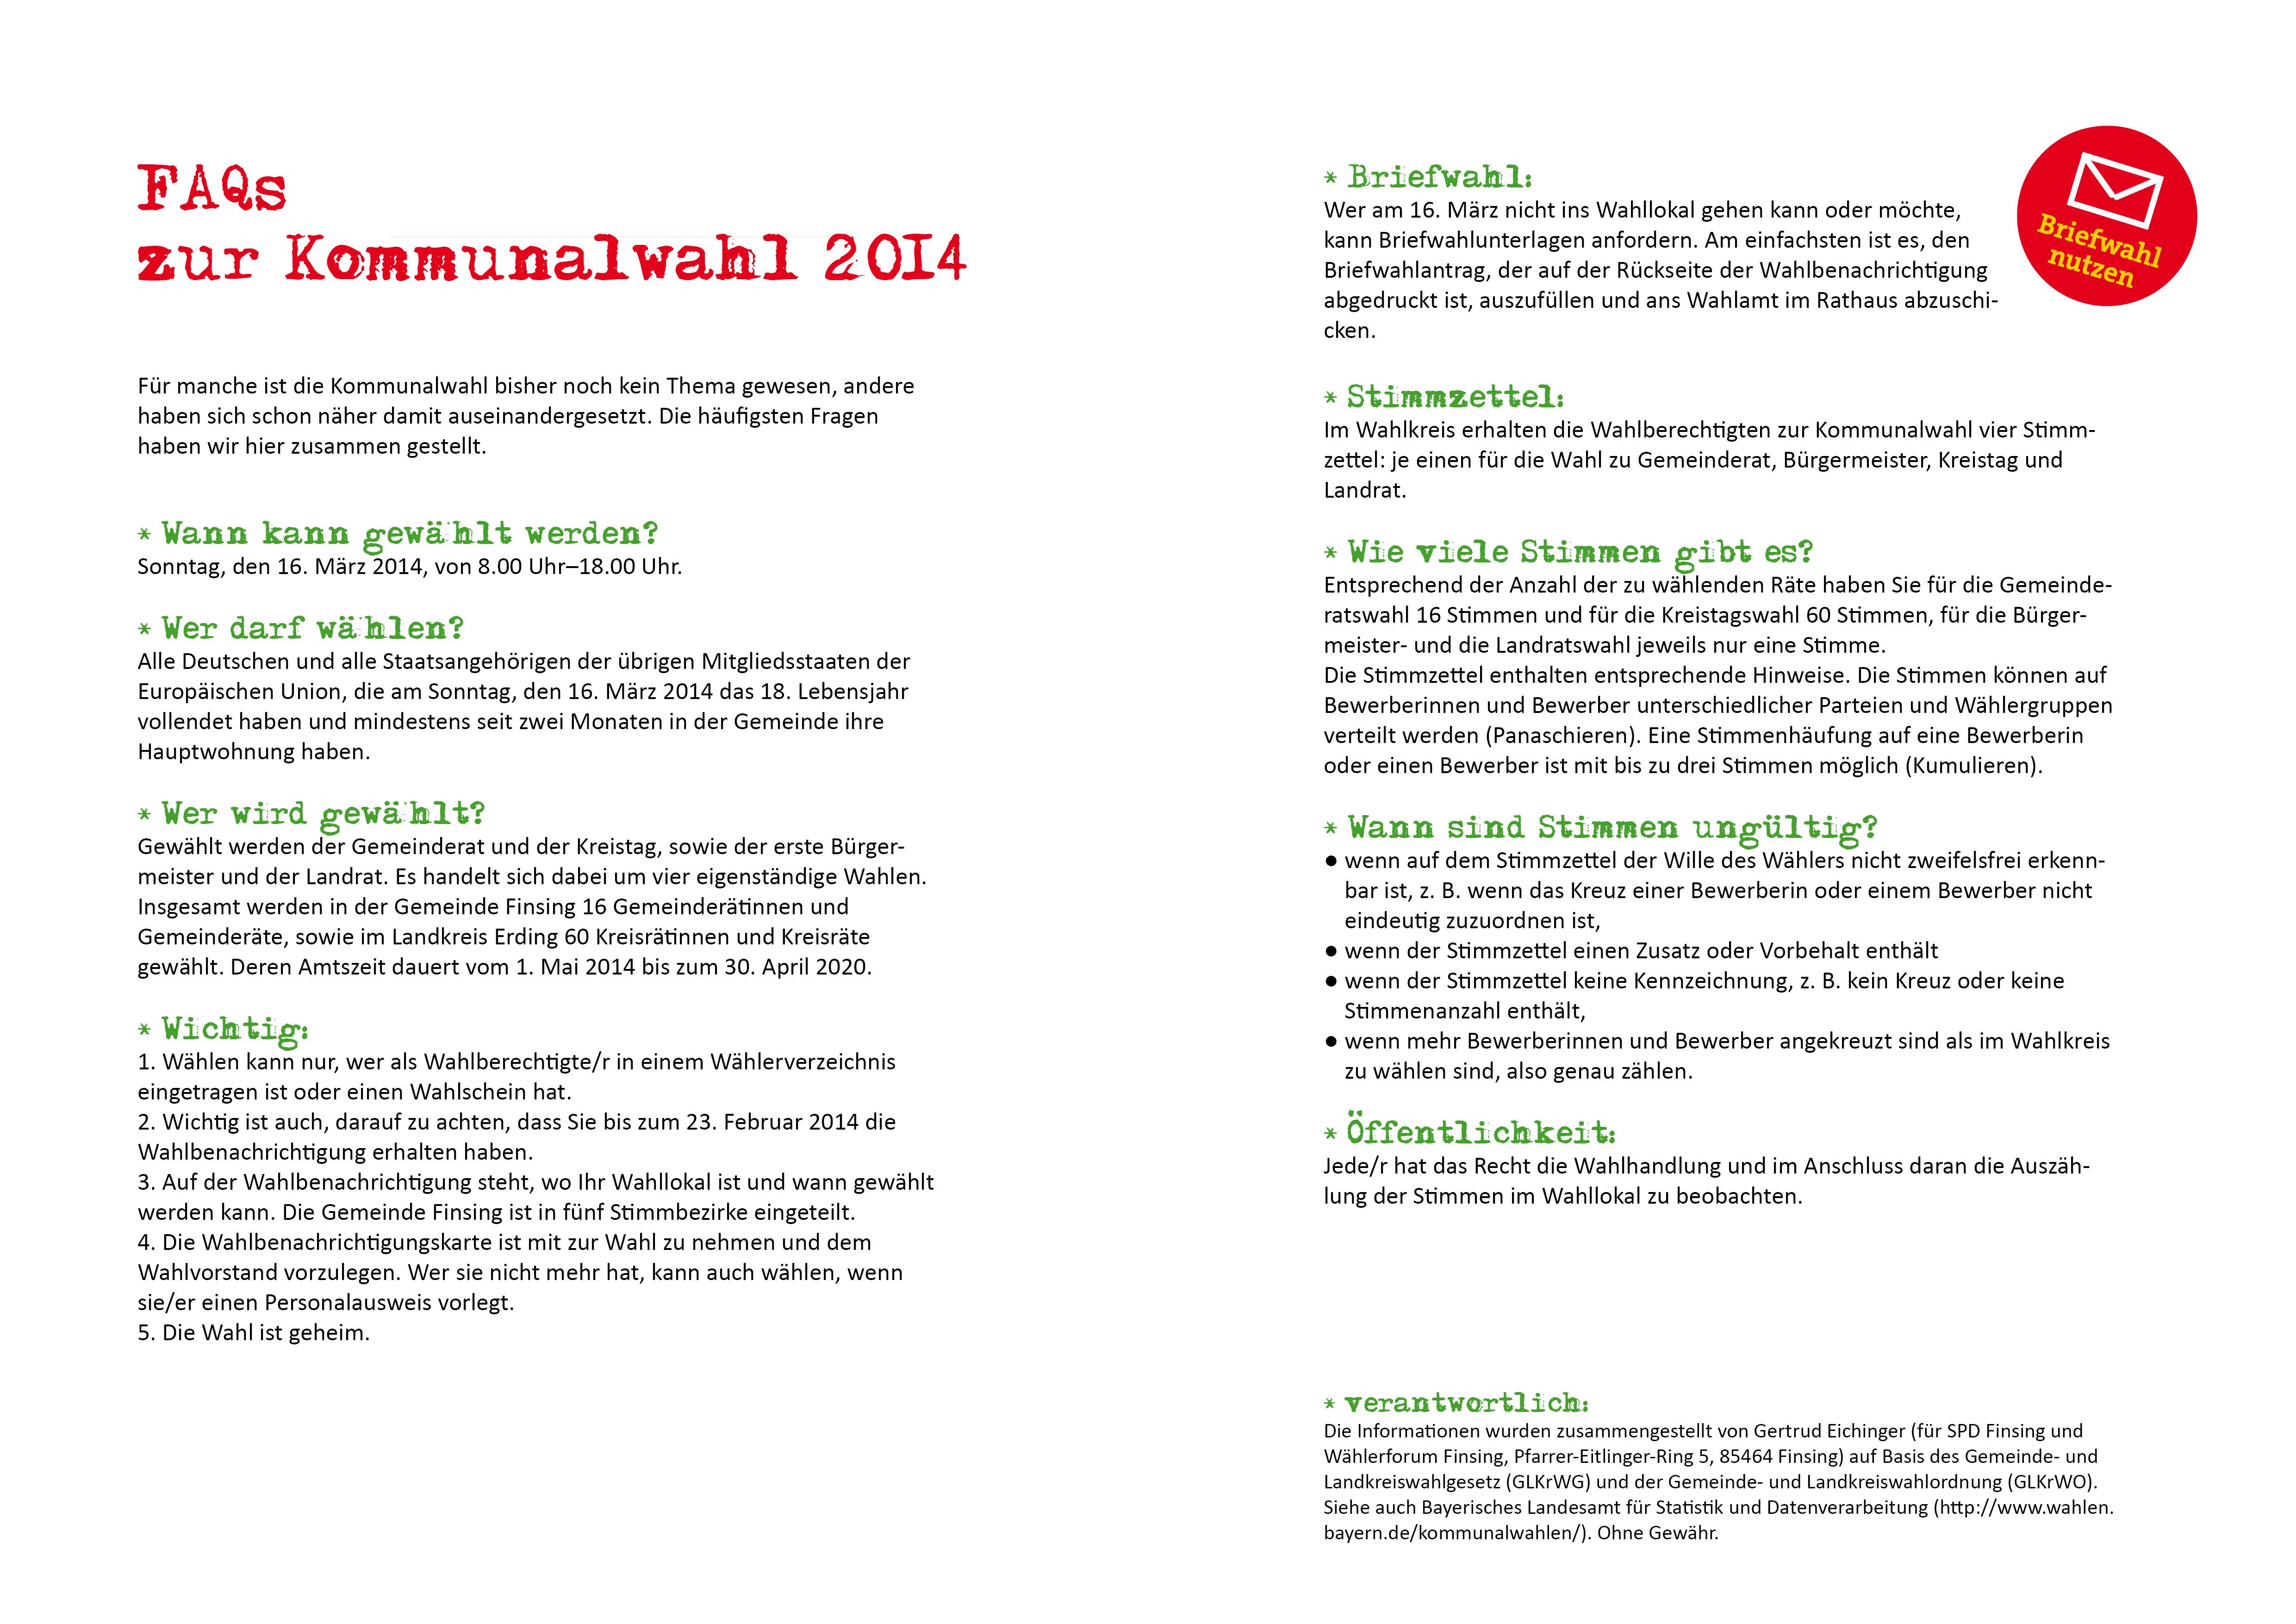 FAQ's zur Kommunalwahl 2014